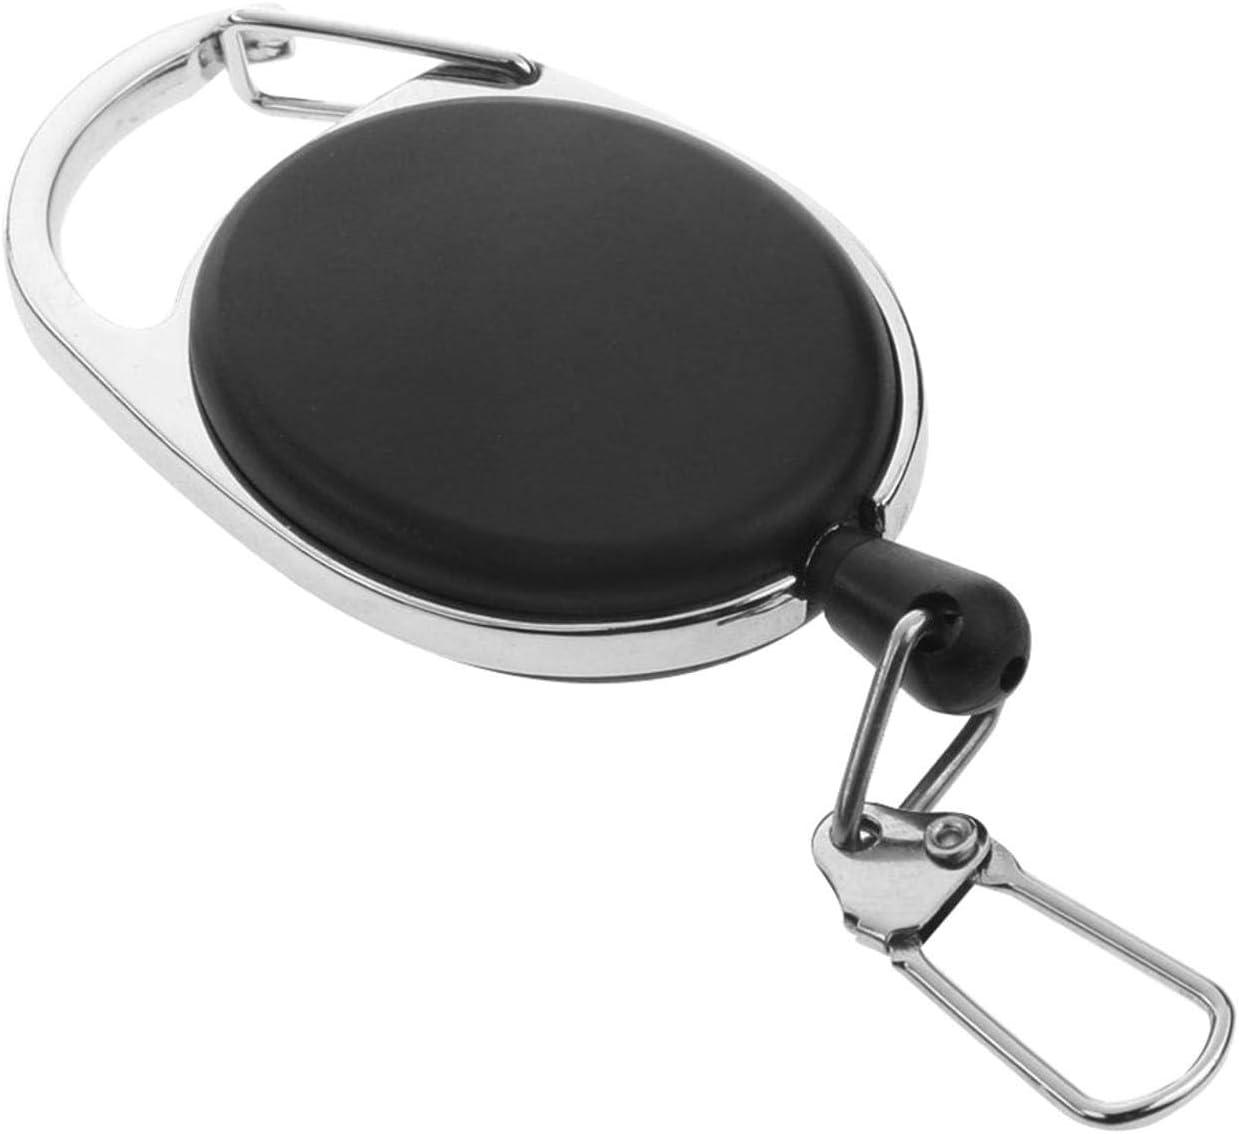 ZUNH2 Retrattile per Servizio Pesante Bobine per armeggiare Filo di tiro da 60 cm per Portachiavi Clip ID Carta Nera Badge per moschettone